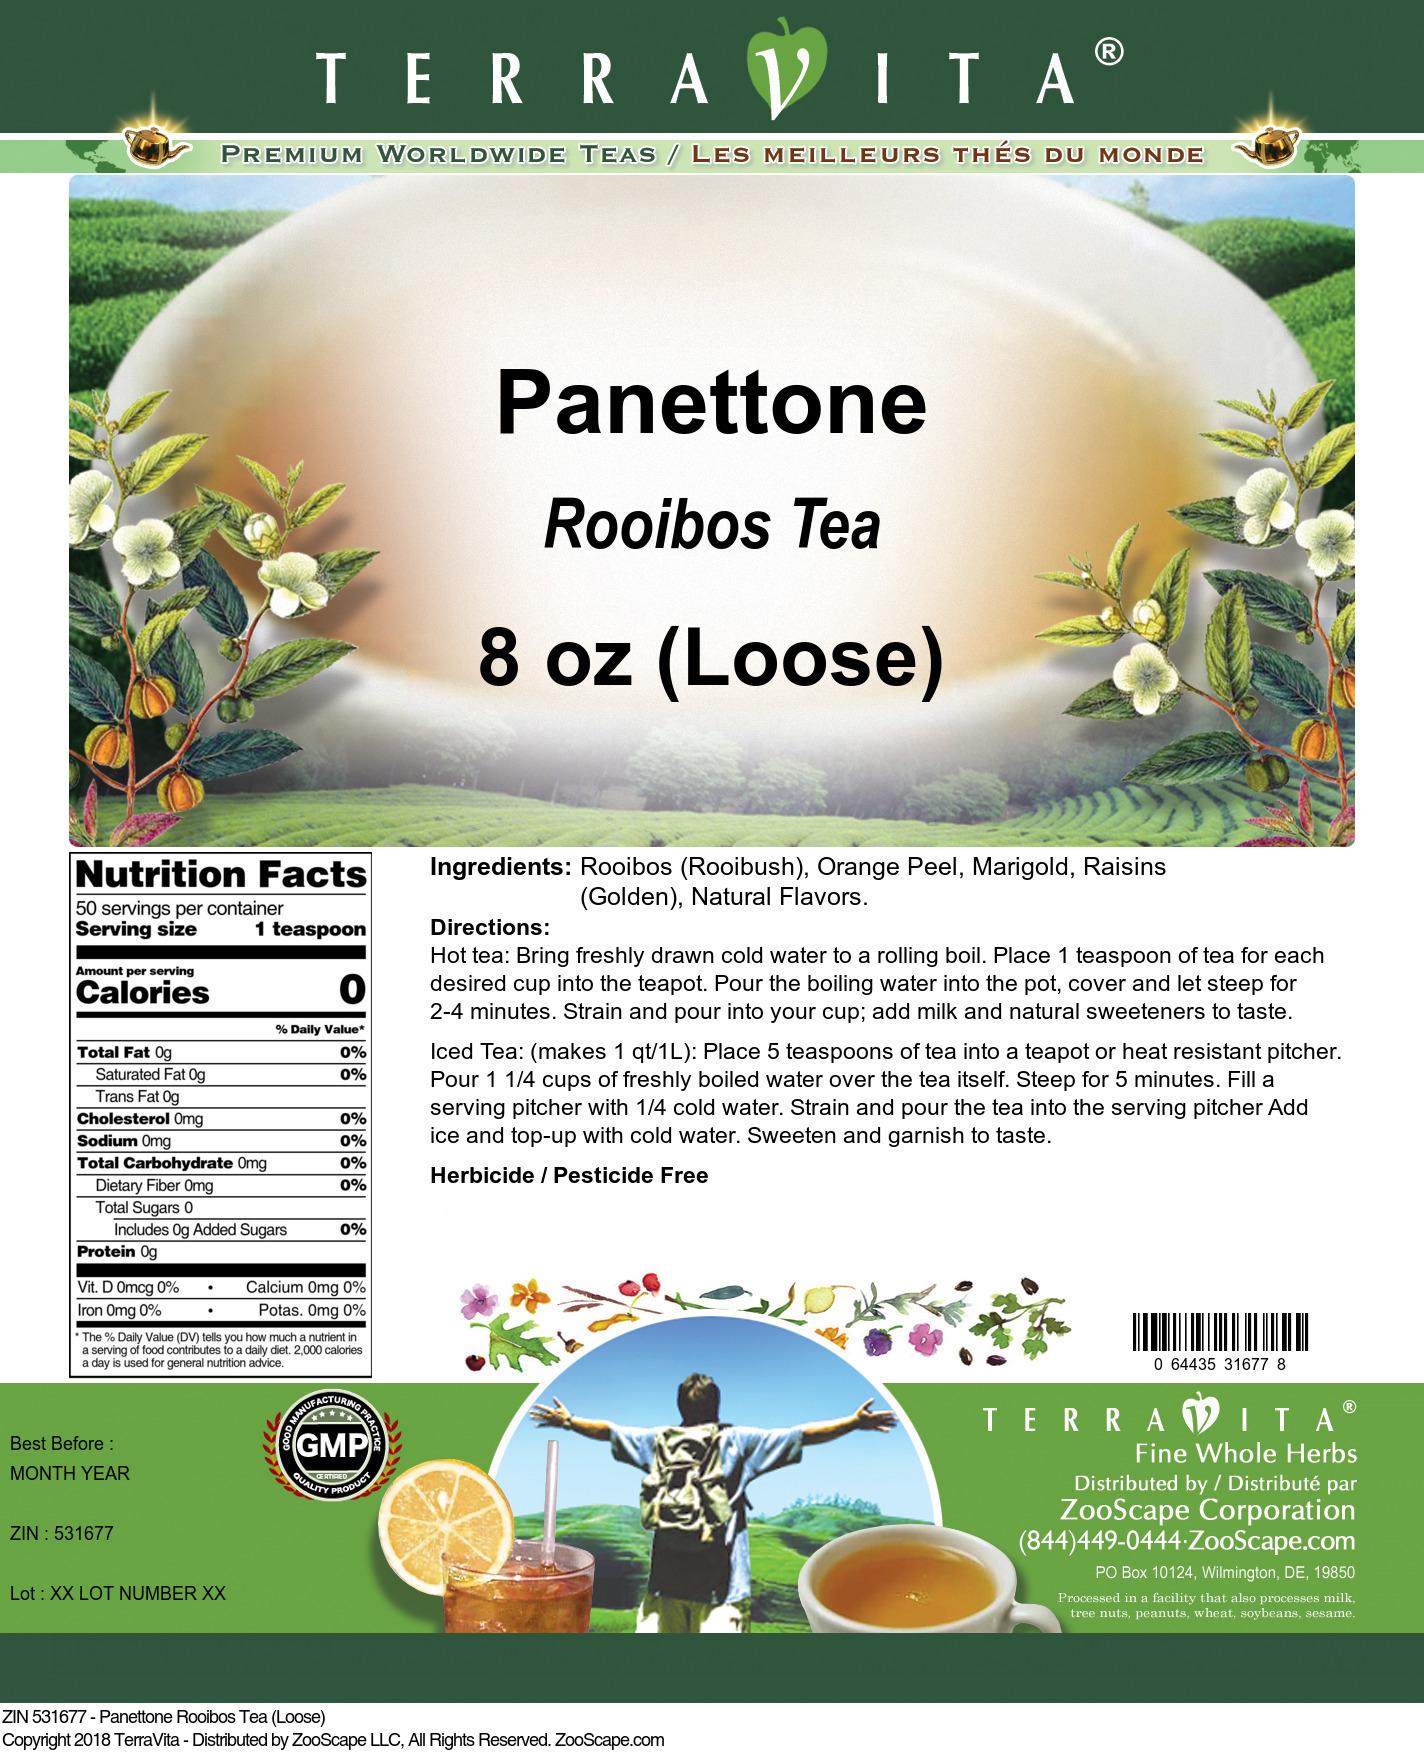 Panettone Rooibos Tea